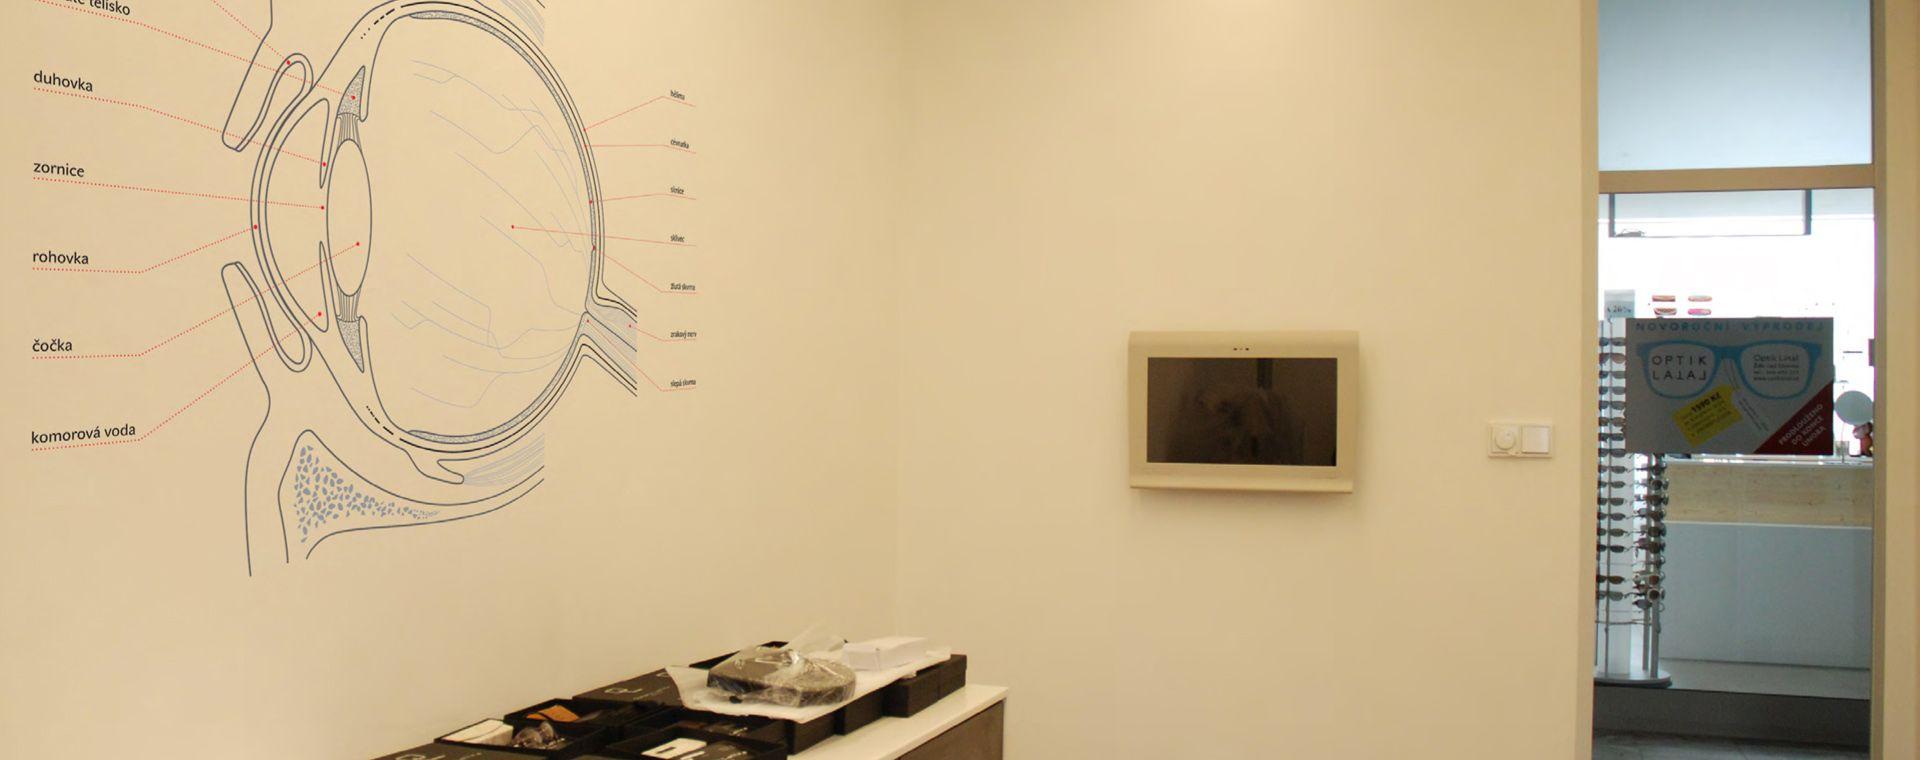 Vyšetřovna zraku Žďár nad Sázavou, Kraj Vysočina, 2011-2013, CZ